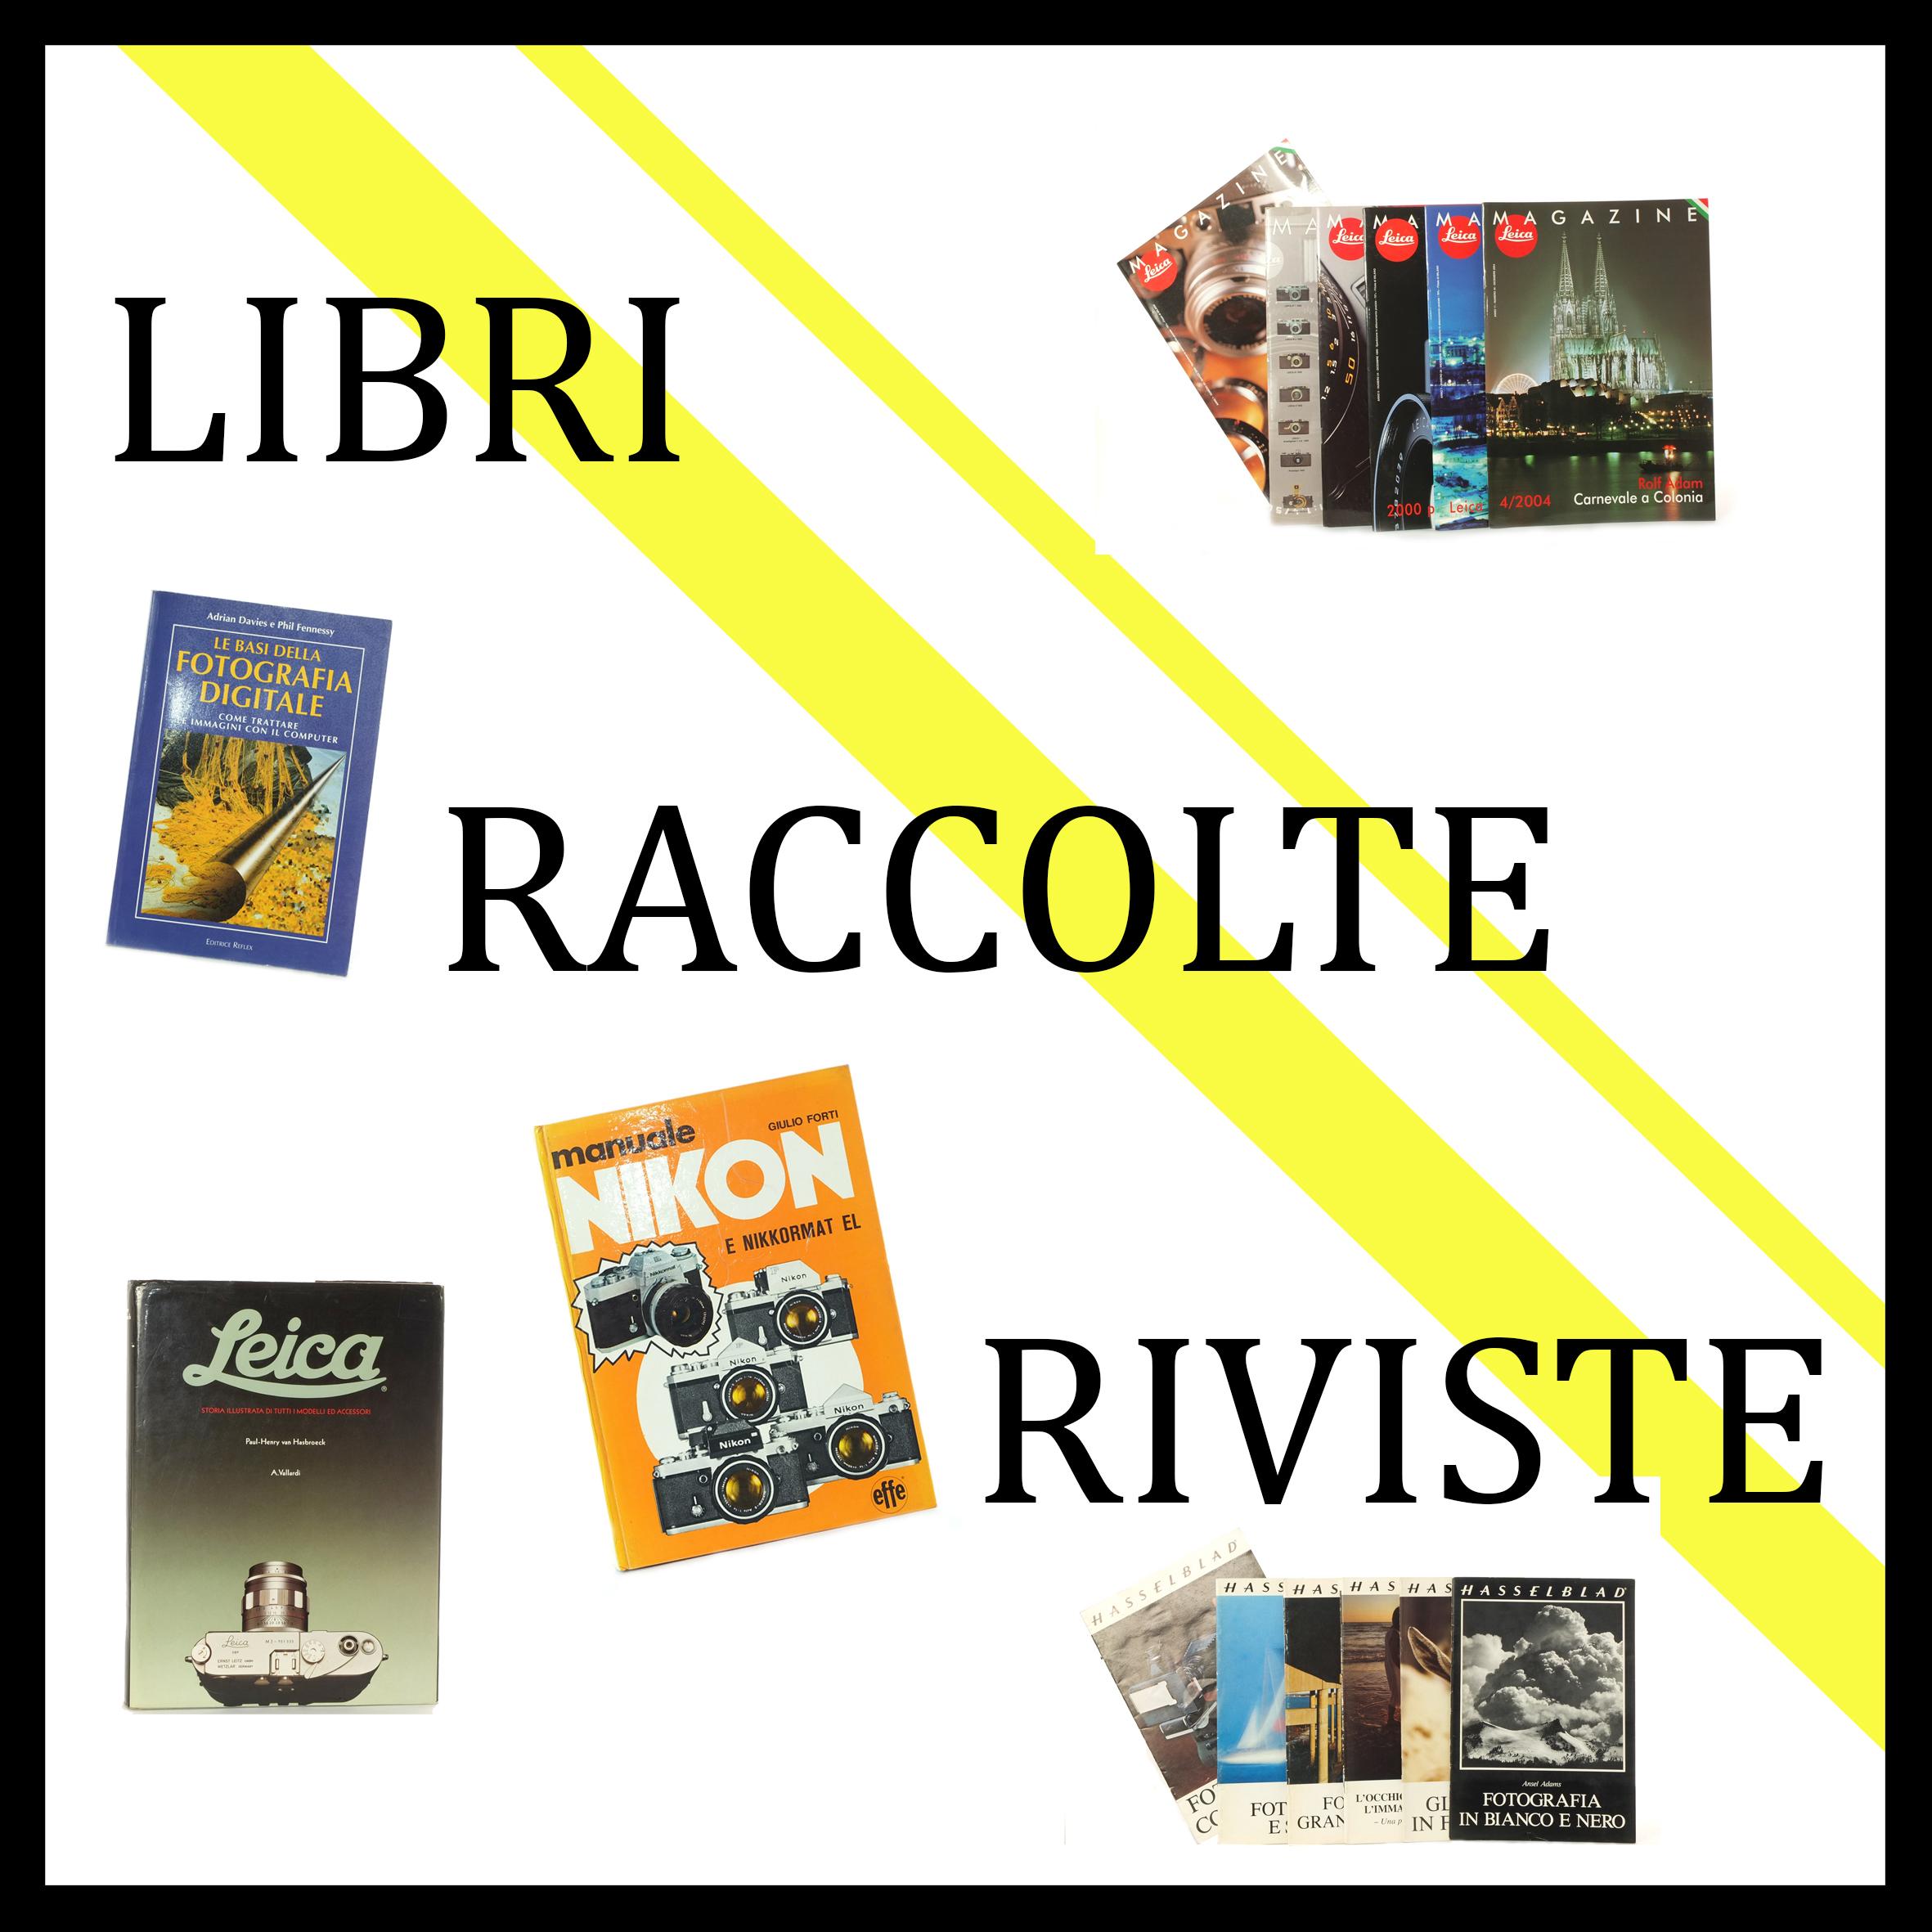 Libri riviste e raccolte